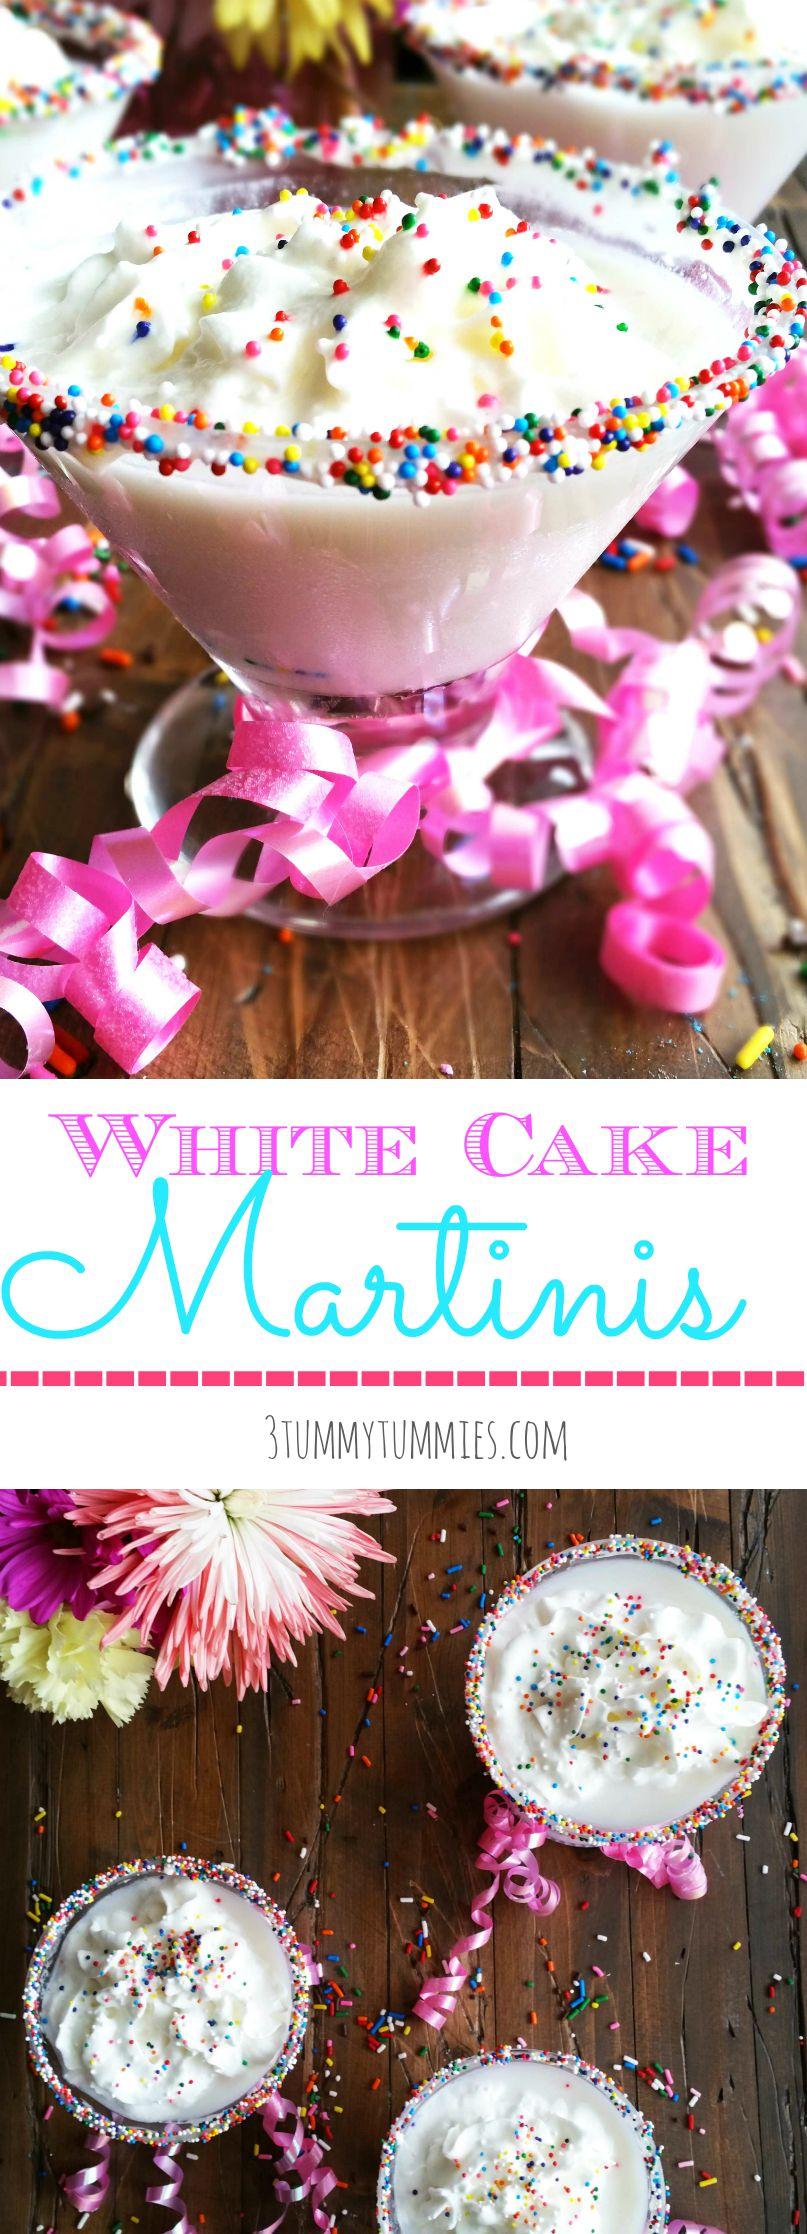 White Cake Martinis